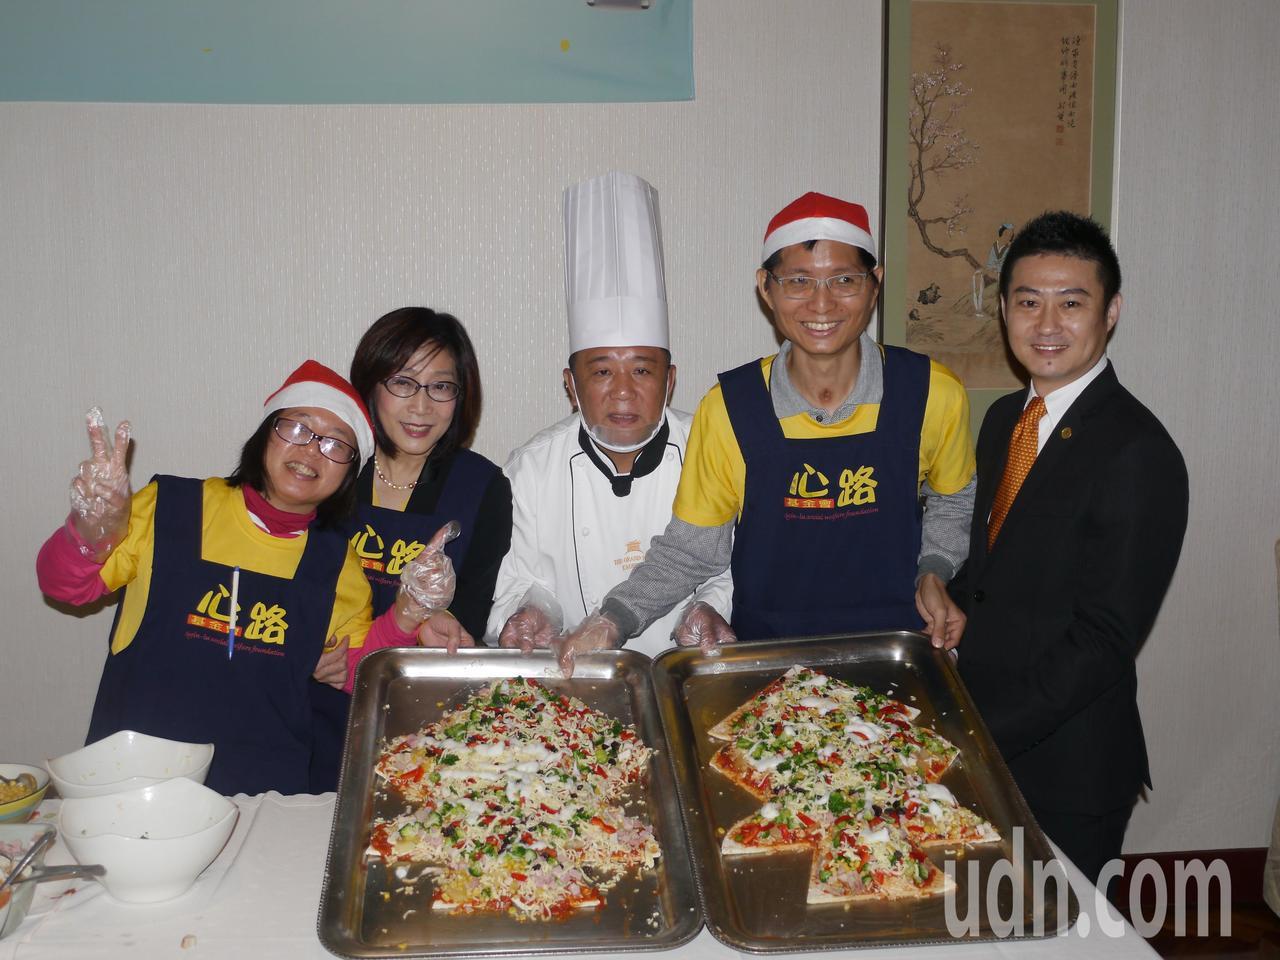 高市議會議長康裕成(左2)陪伴心路青年製作披薩,眾人合力完成聖誕樹造型的大披薩。...